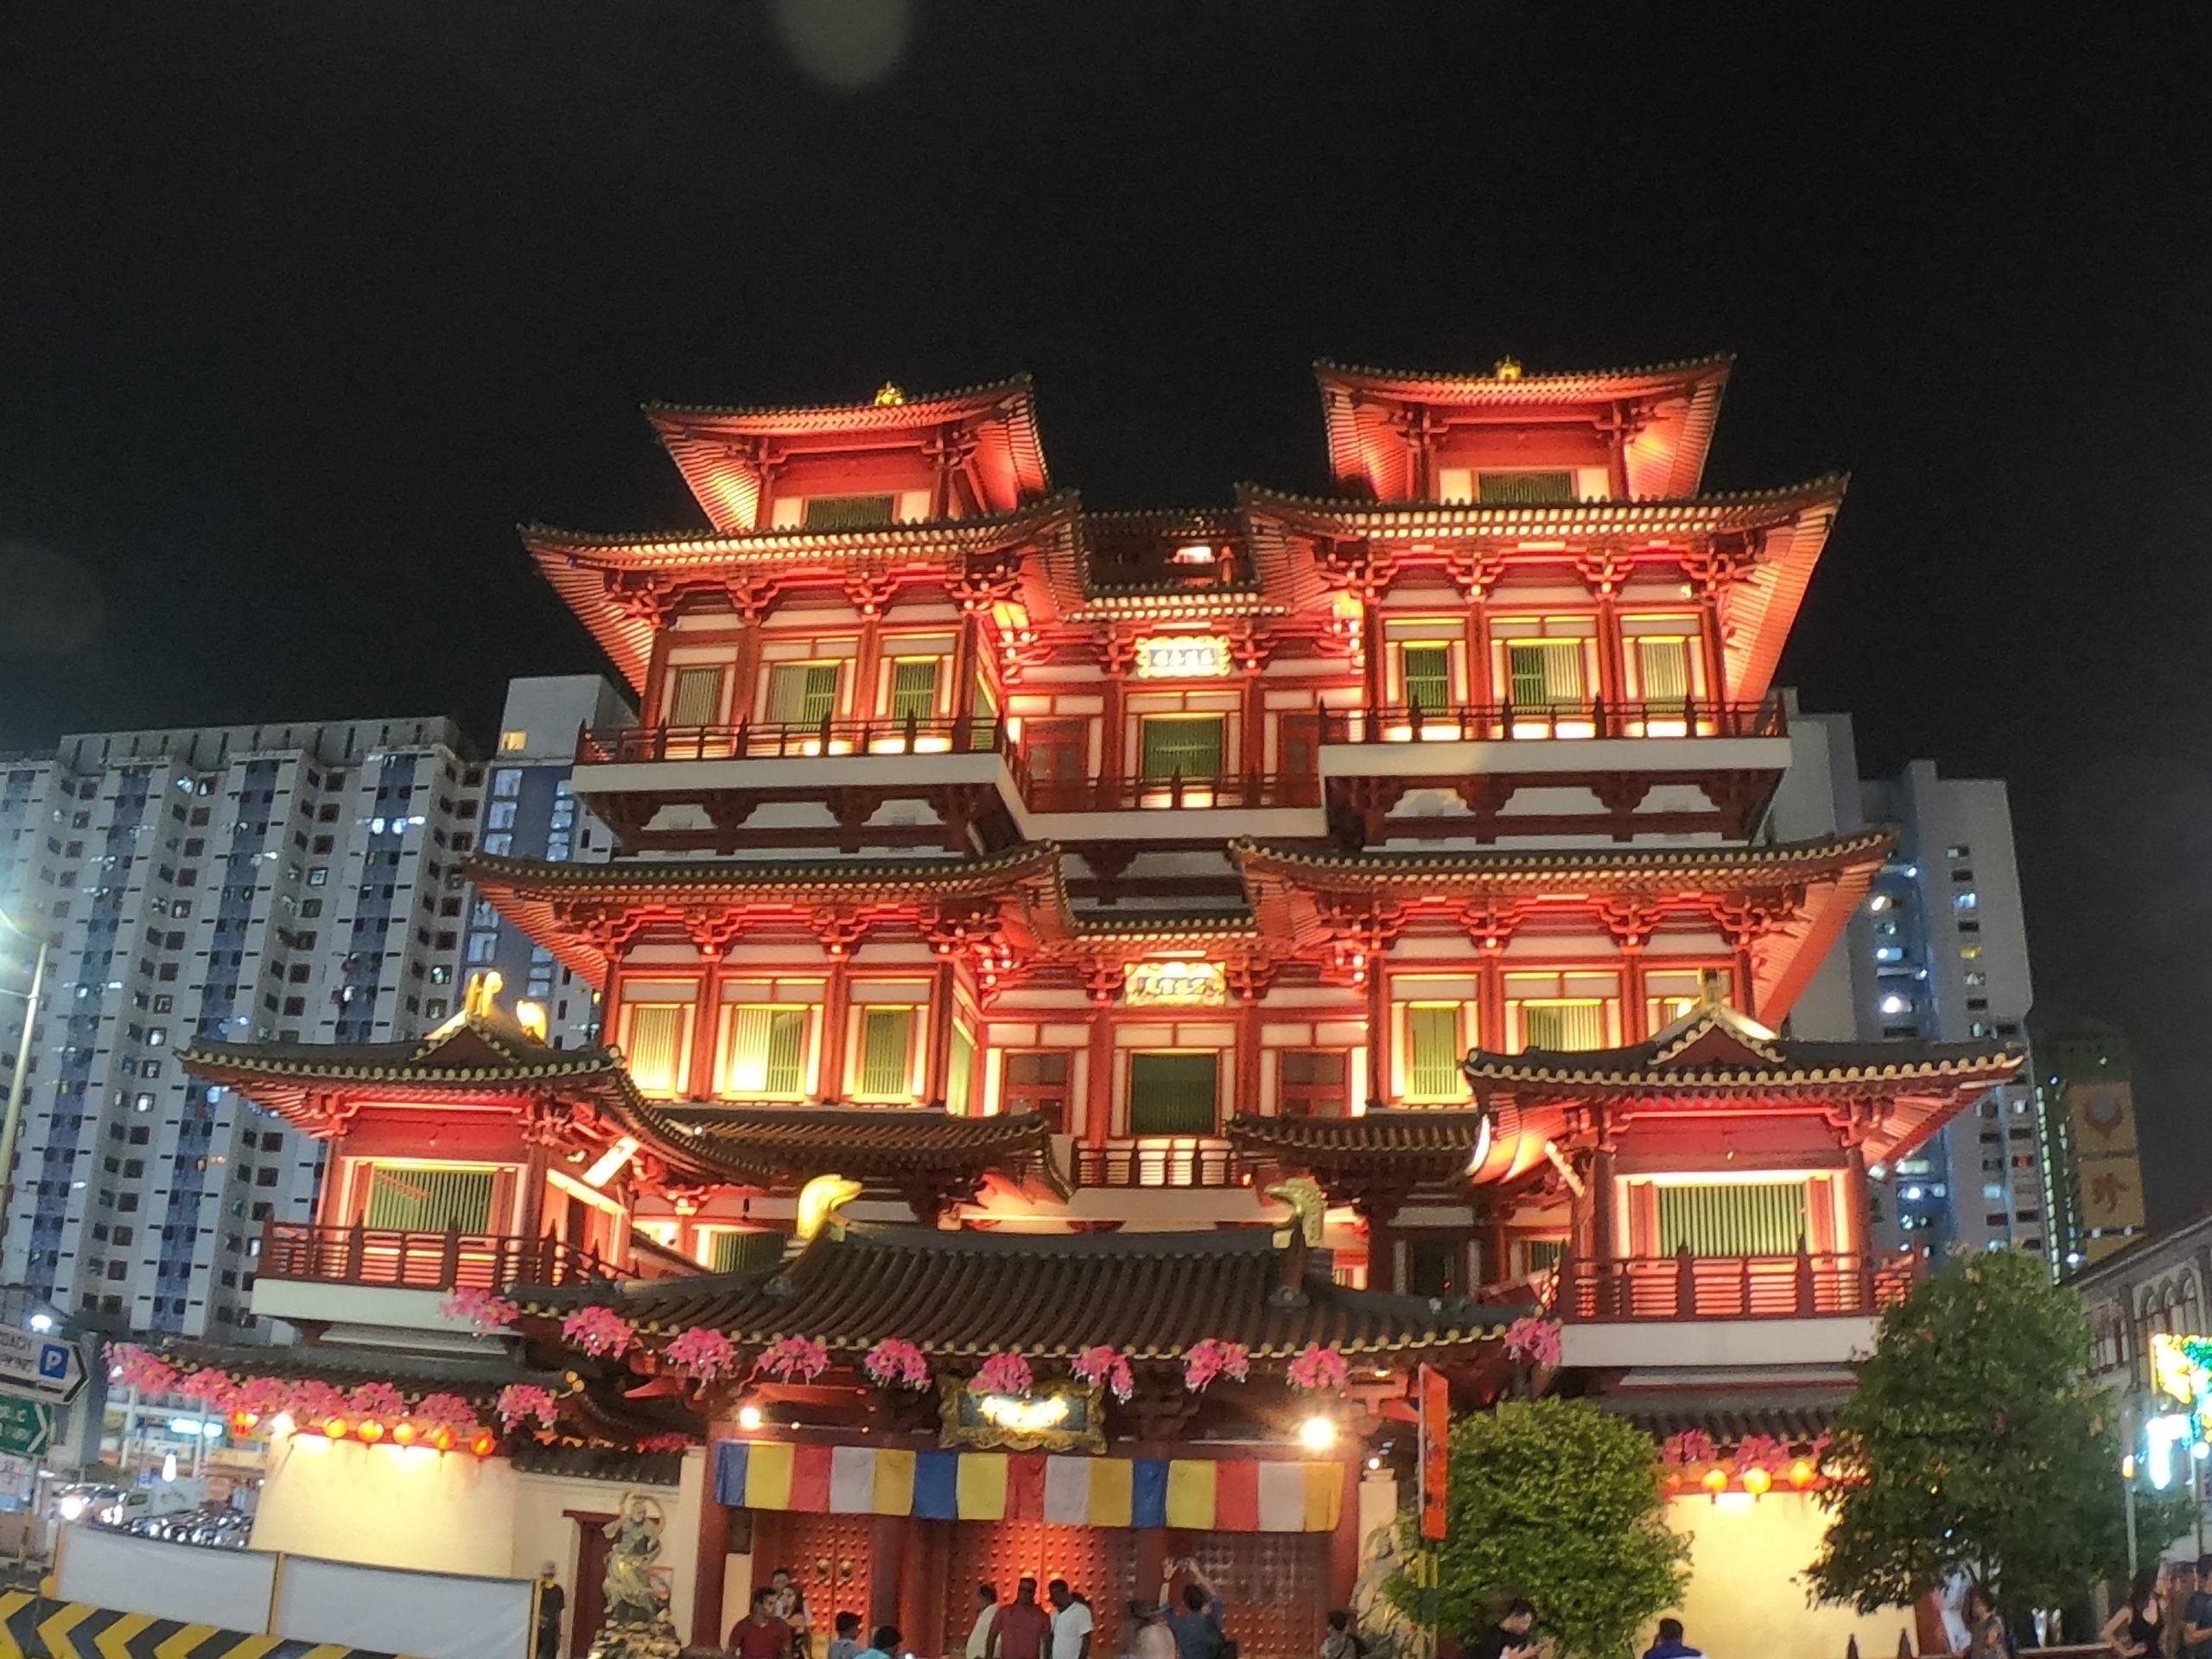 ブッダ・トゥース・レリック寺院 (Buddha Tooth Relic Temple)